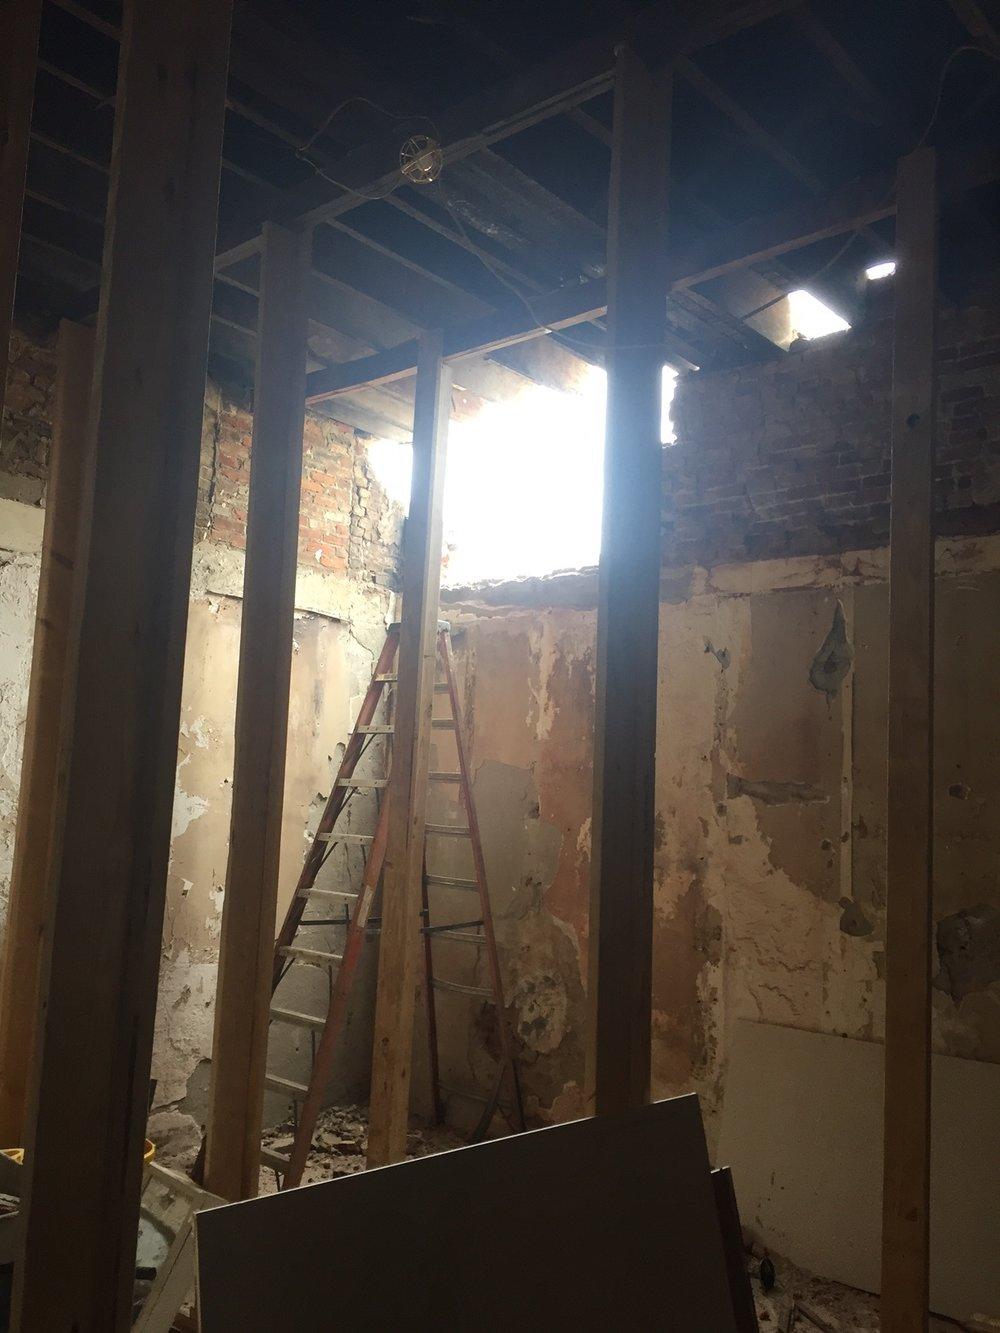 Demolition brings new light!